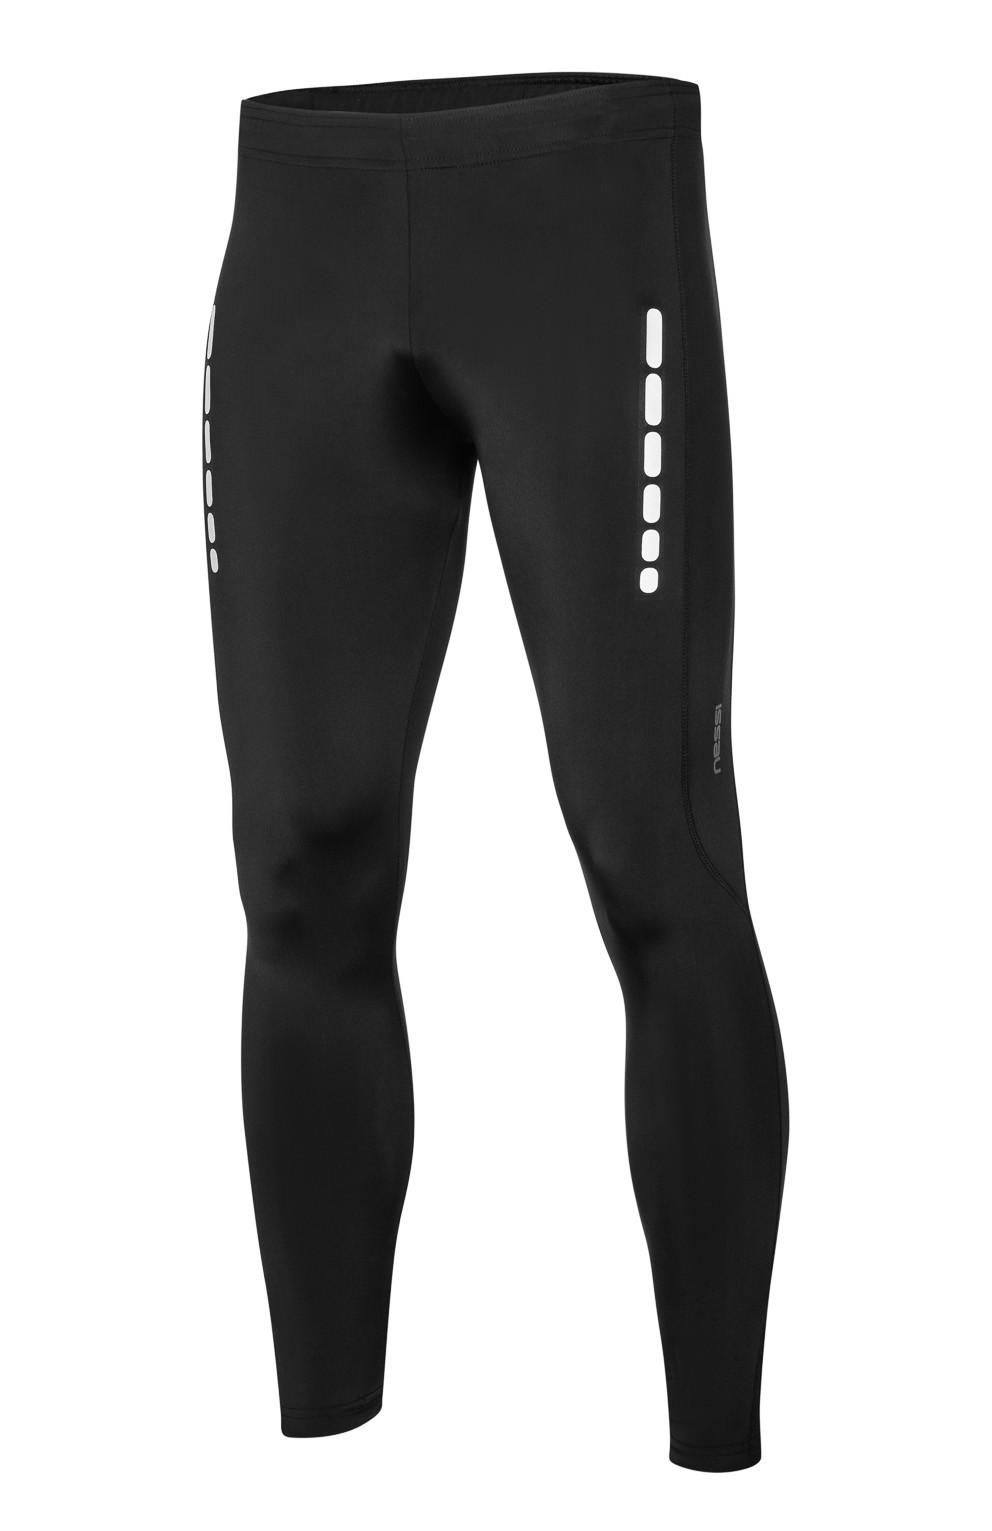 neue bilder von großartiges Aussehen bester Service Nessi Herren lange Sporthose Laufhose Lycra SDM1 Fitnesshose atmungsaktiv